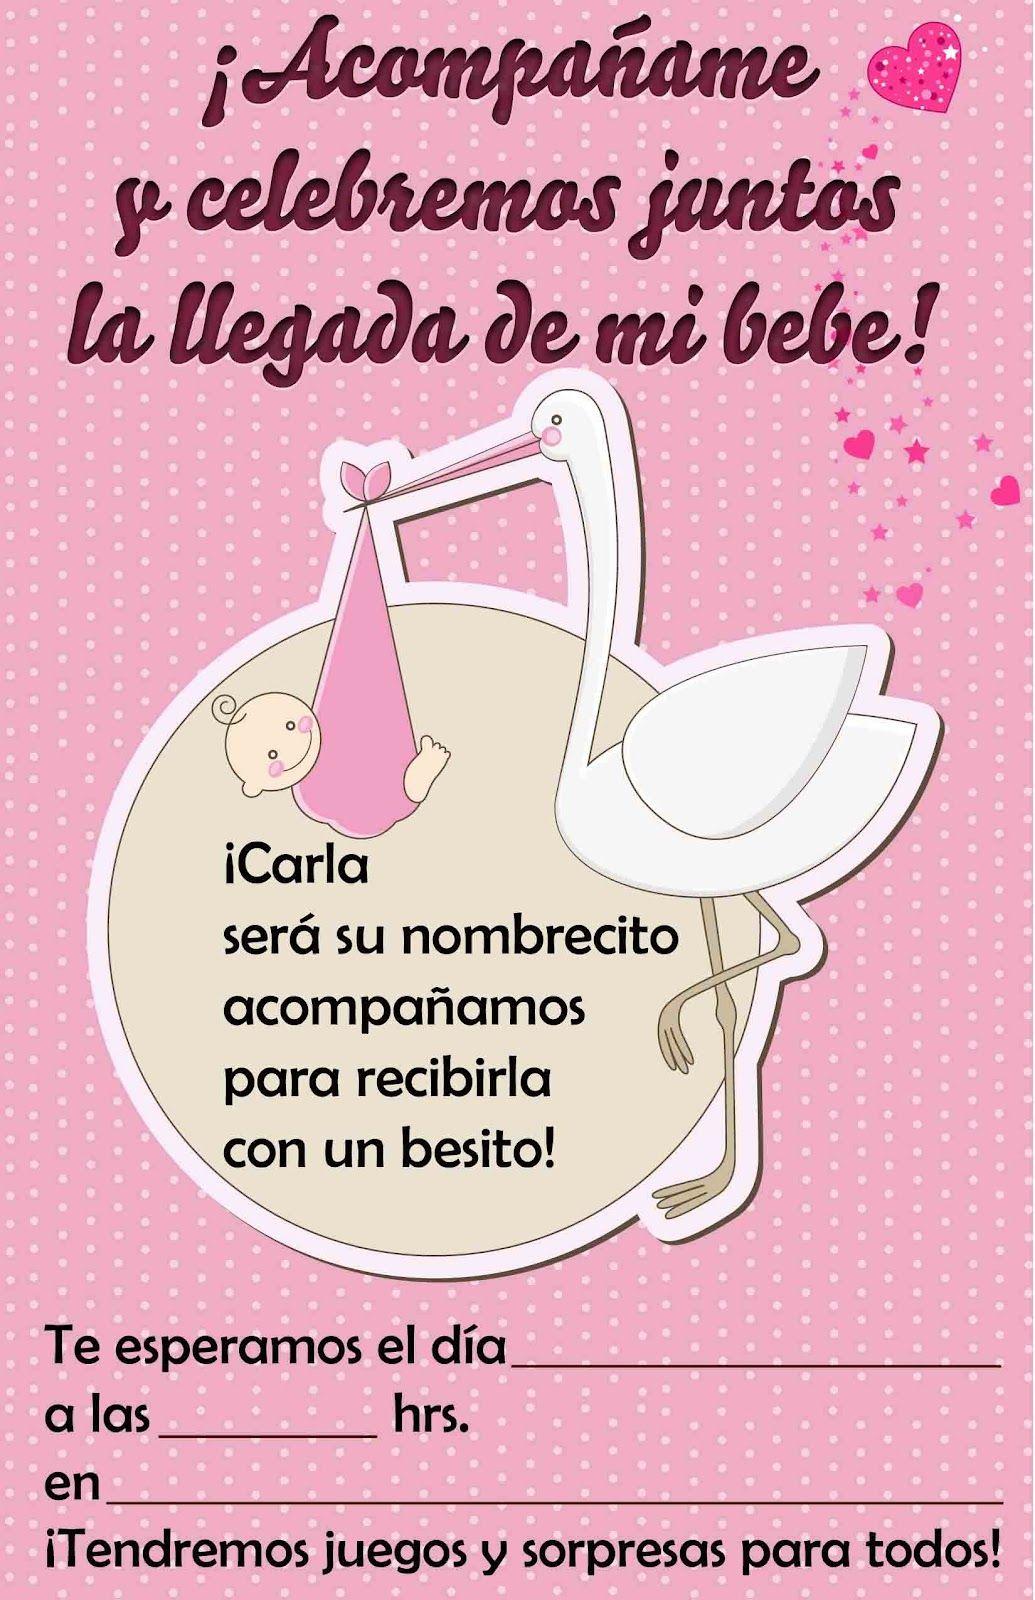 Frases Para Invitaciones De Baby Shower Originales : frases, invitaciones, shower, originales, Shower, Invitaciones, Baby,, Invitaciones,, Imprimir